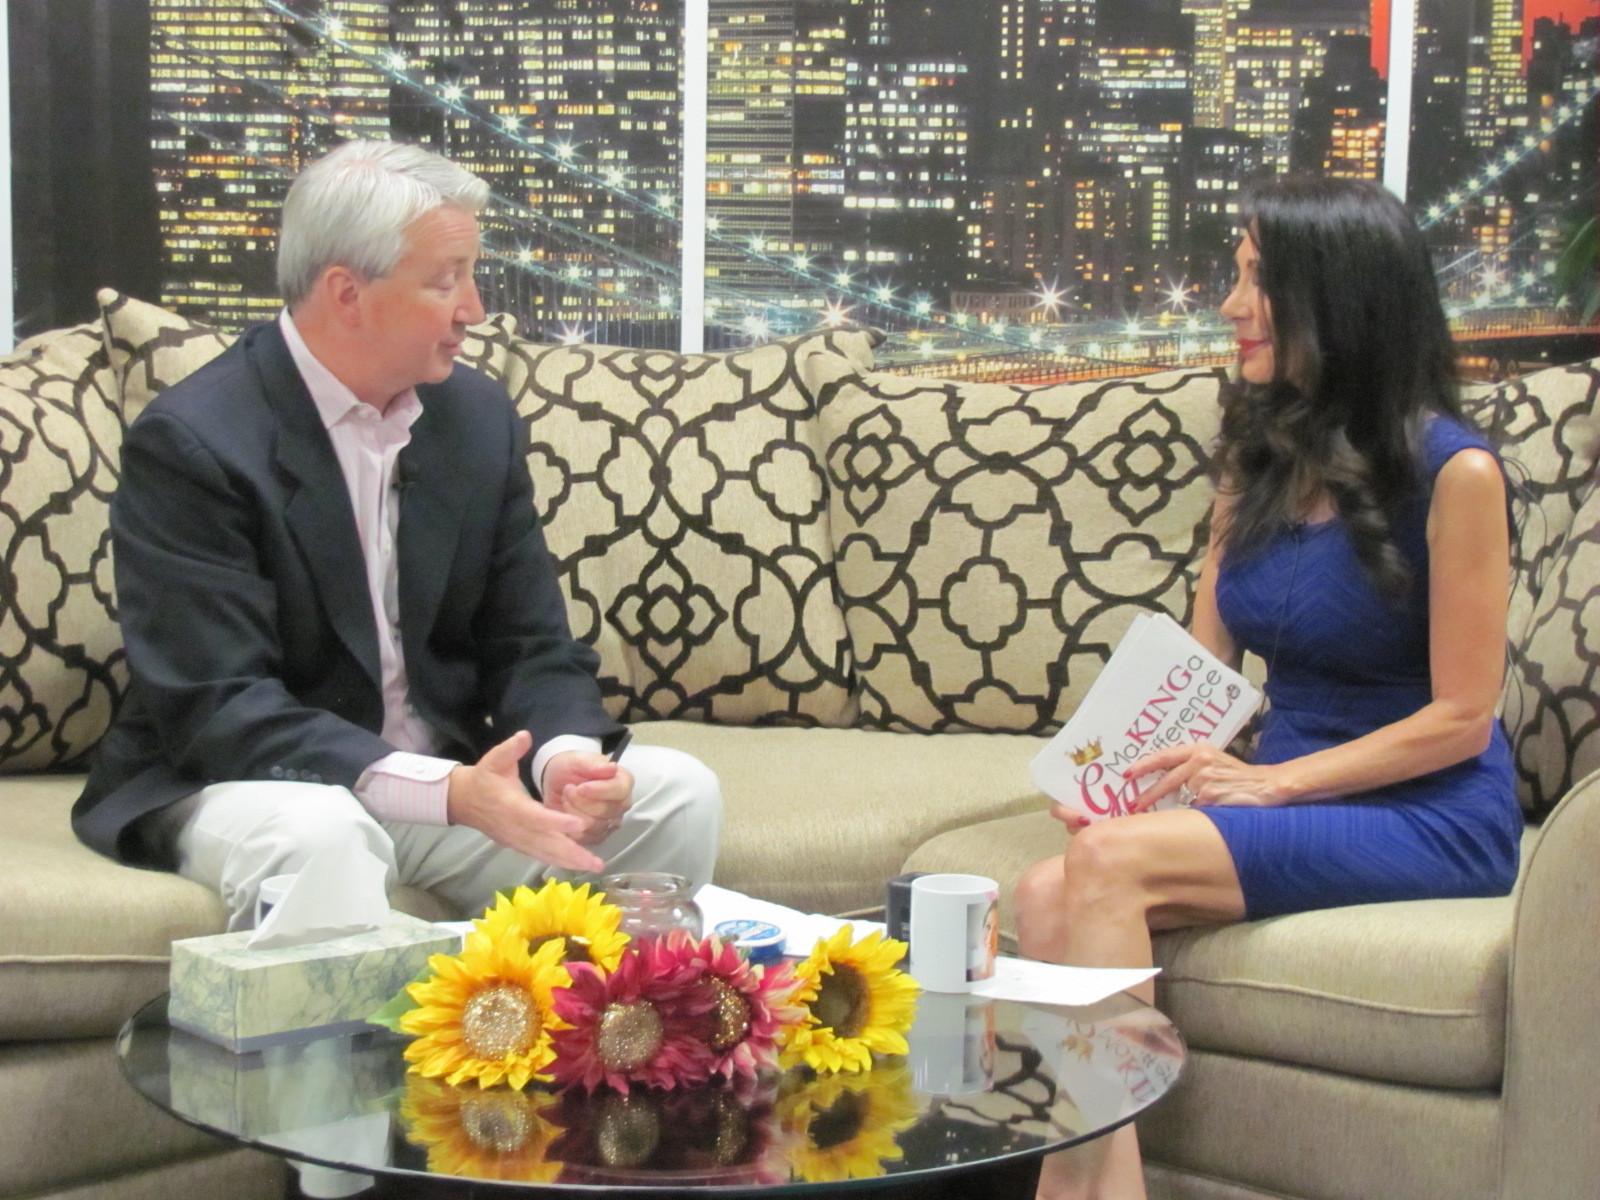 June 24 Show Gail Sen Boyle Interviewing.jpg